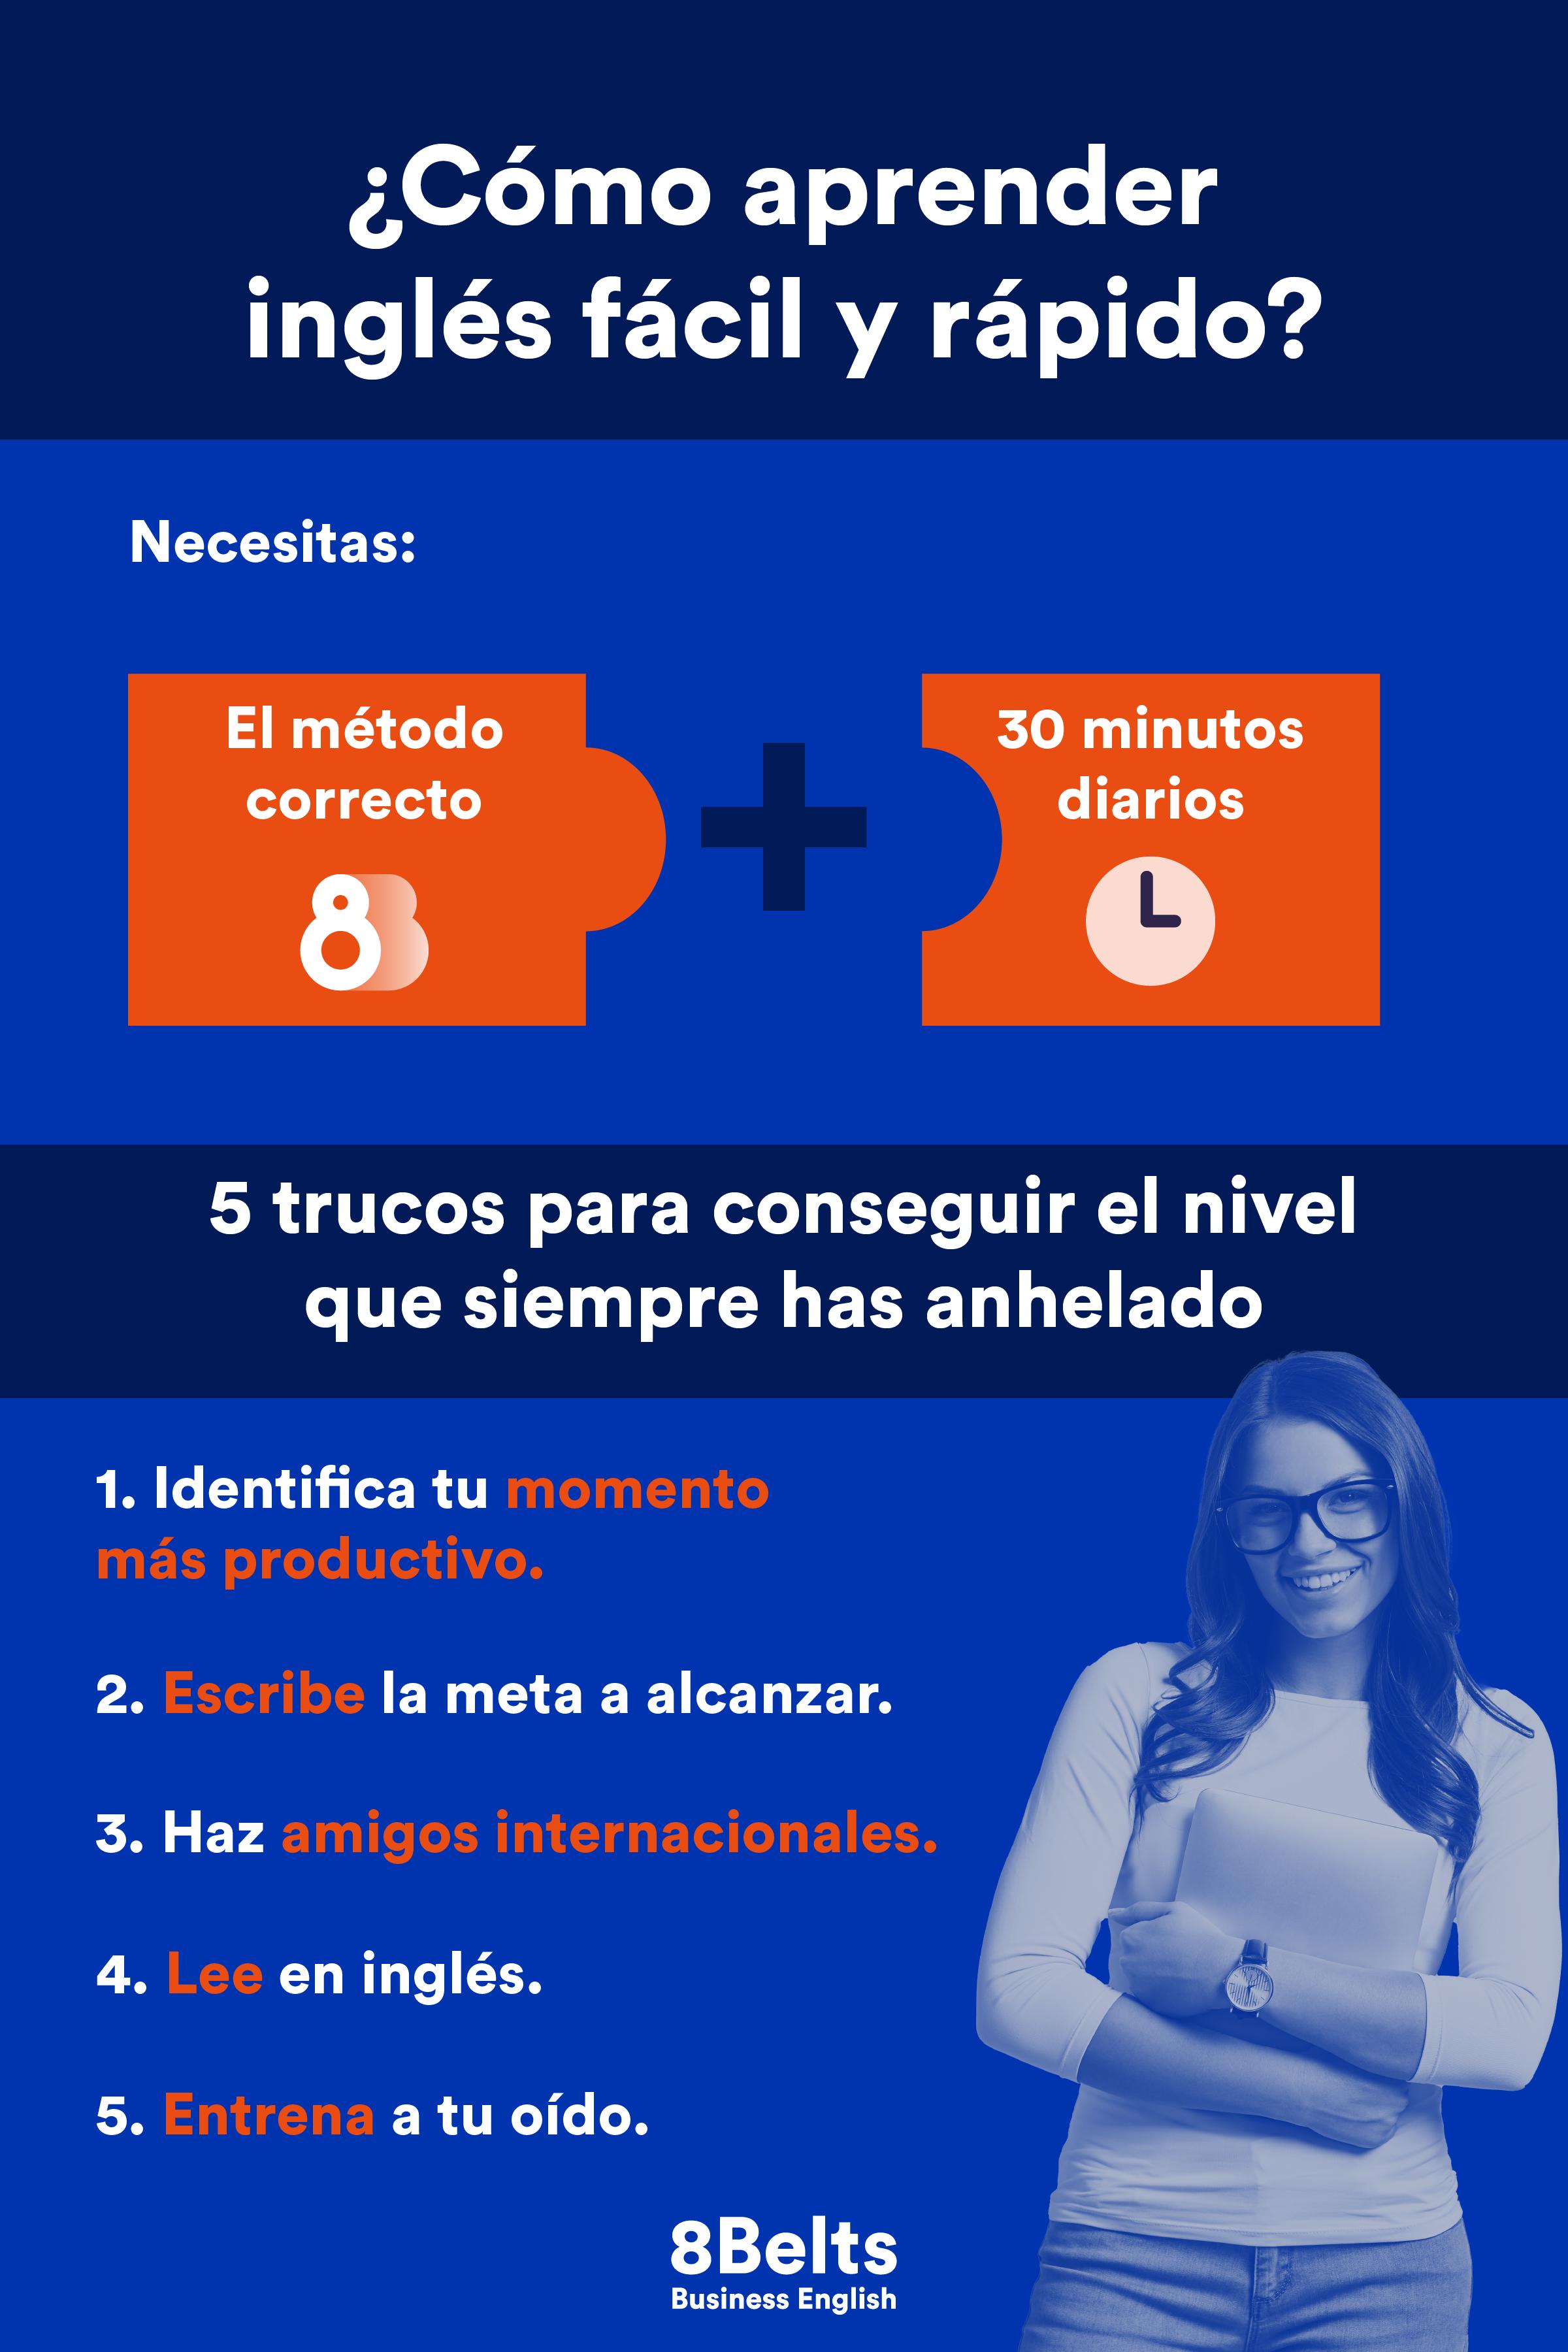 aprender inglé rápido y fácil